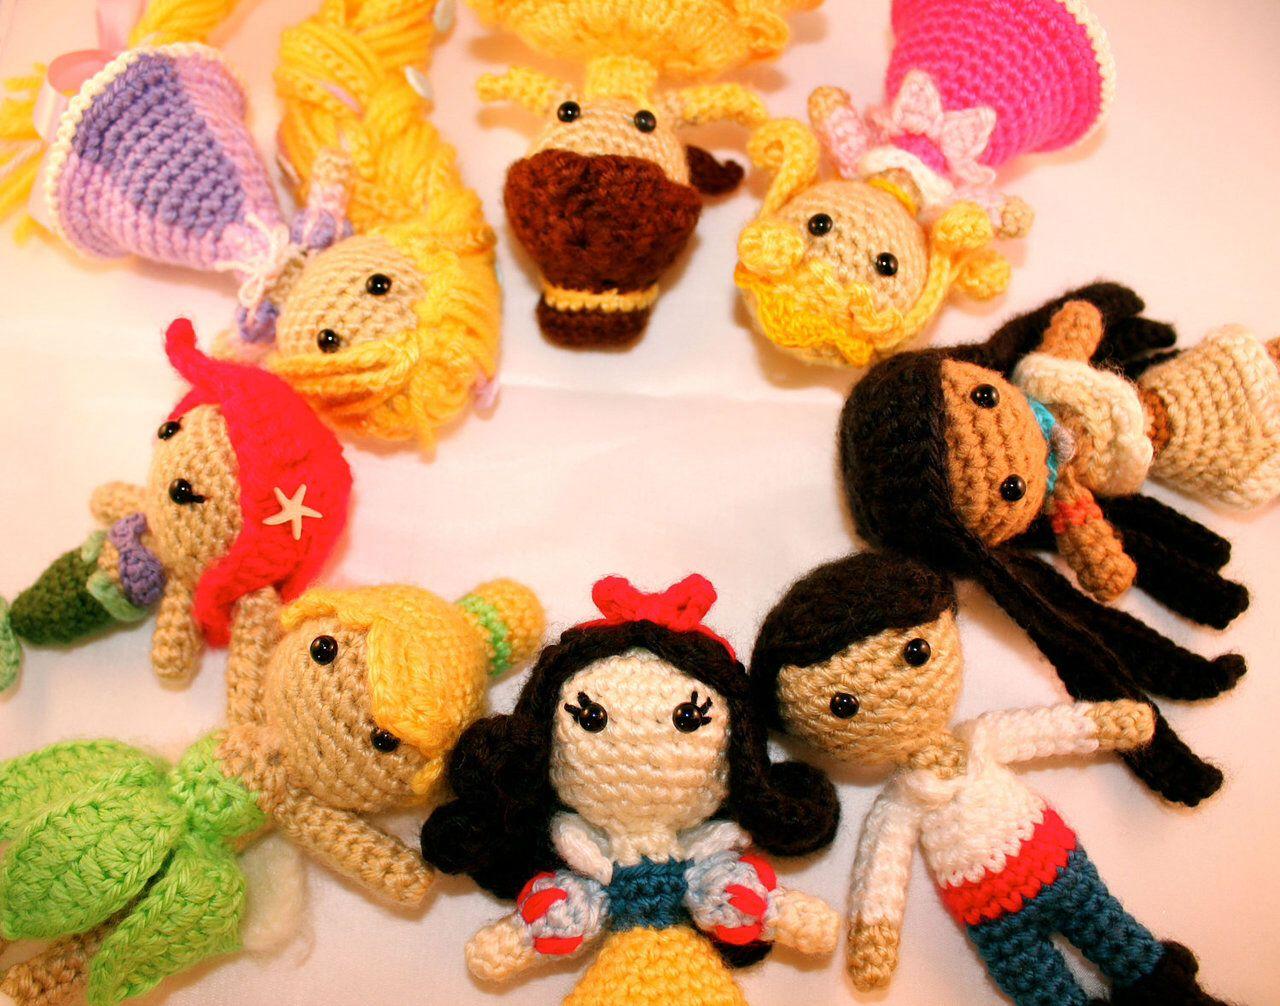 Amigurumis Personajes De Disney : Amigurumi disney princess dolls amigurumi crochet and crafts